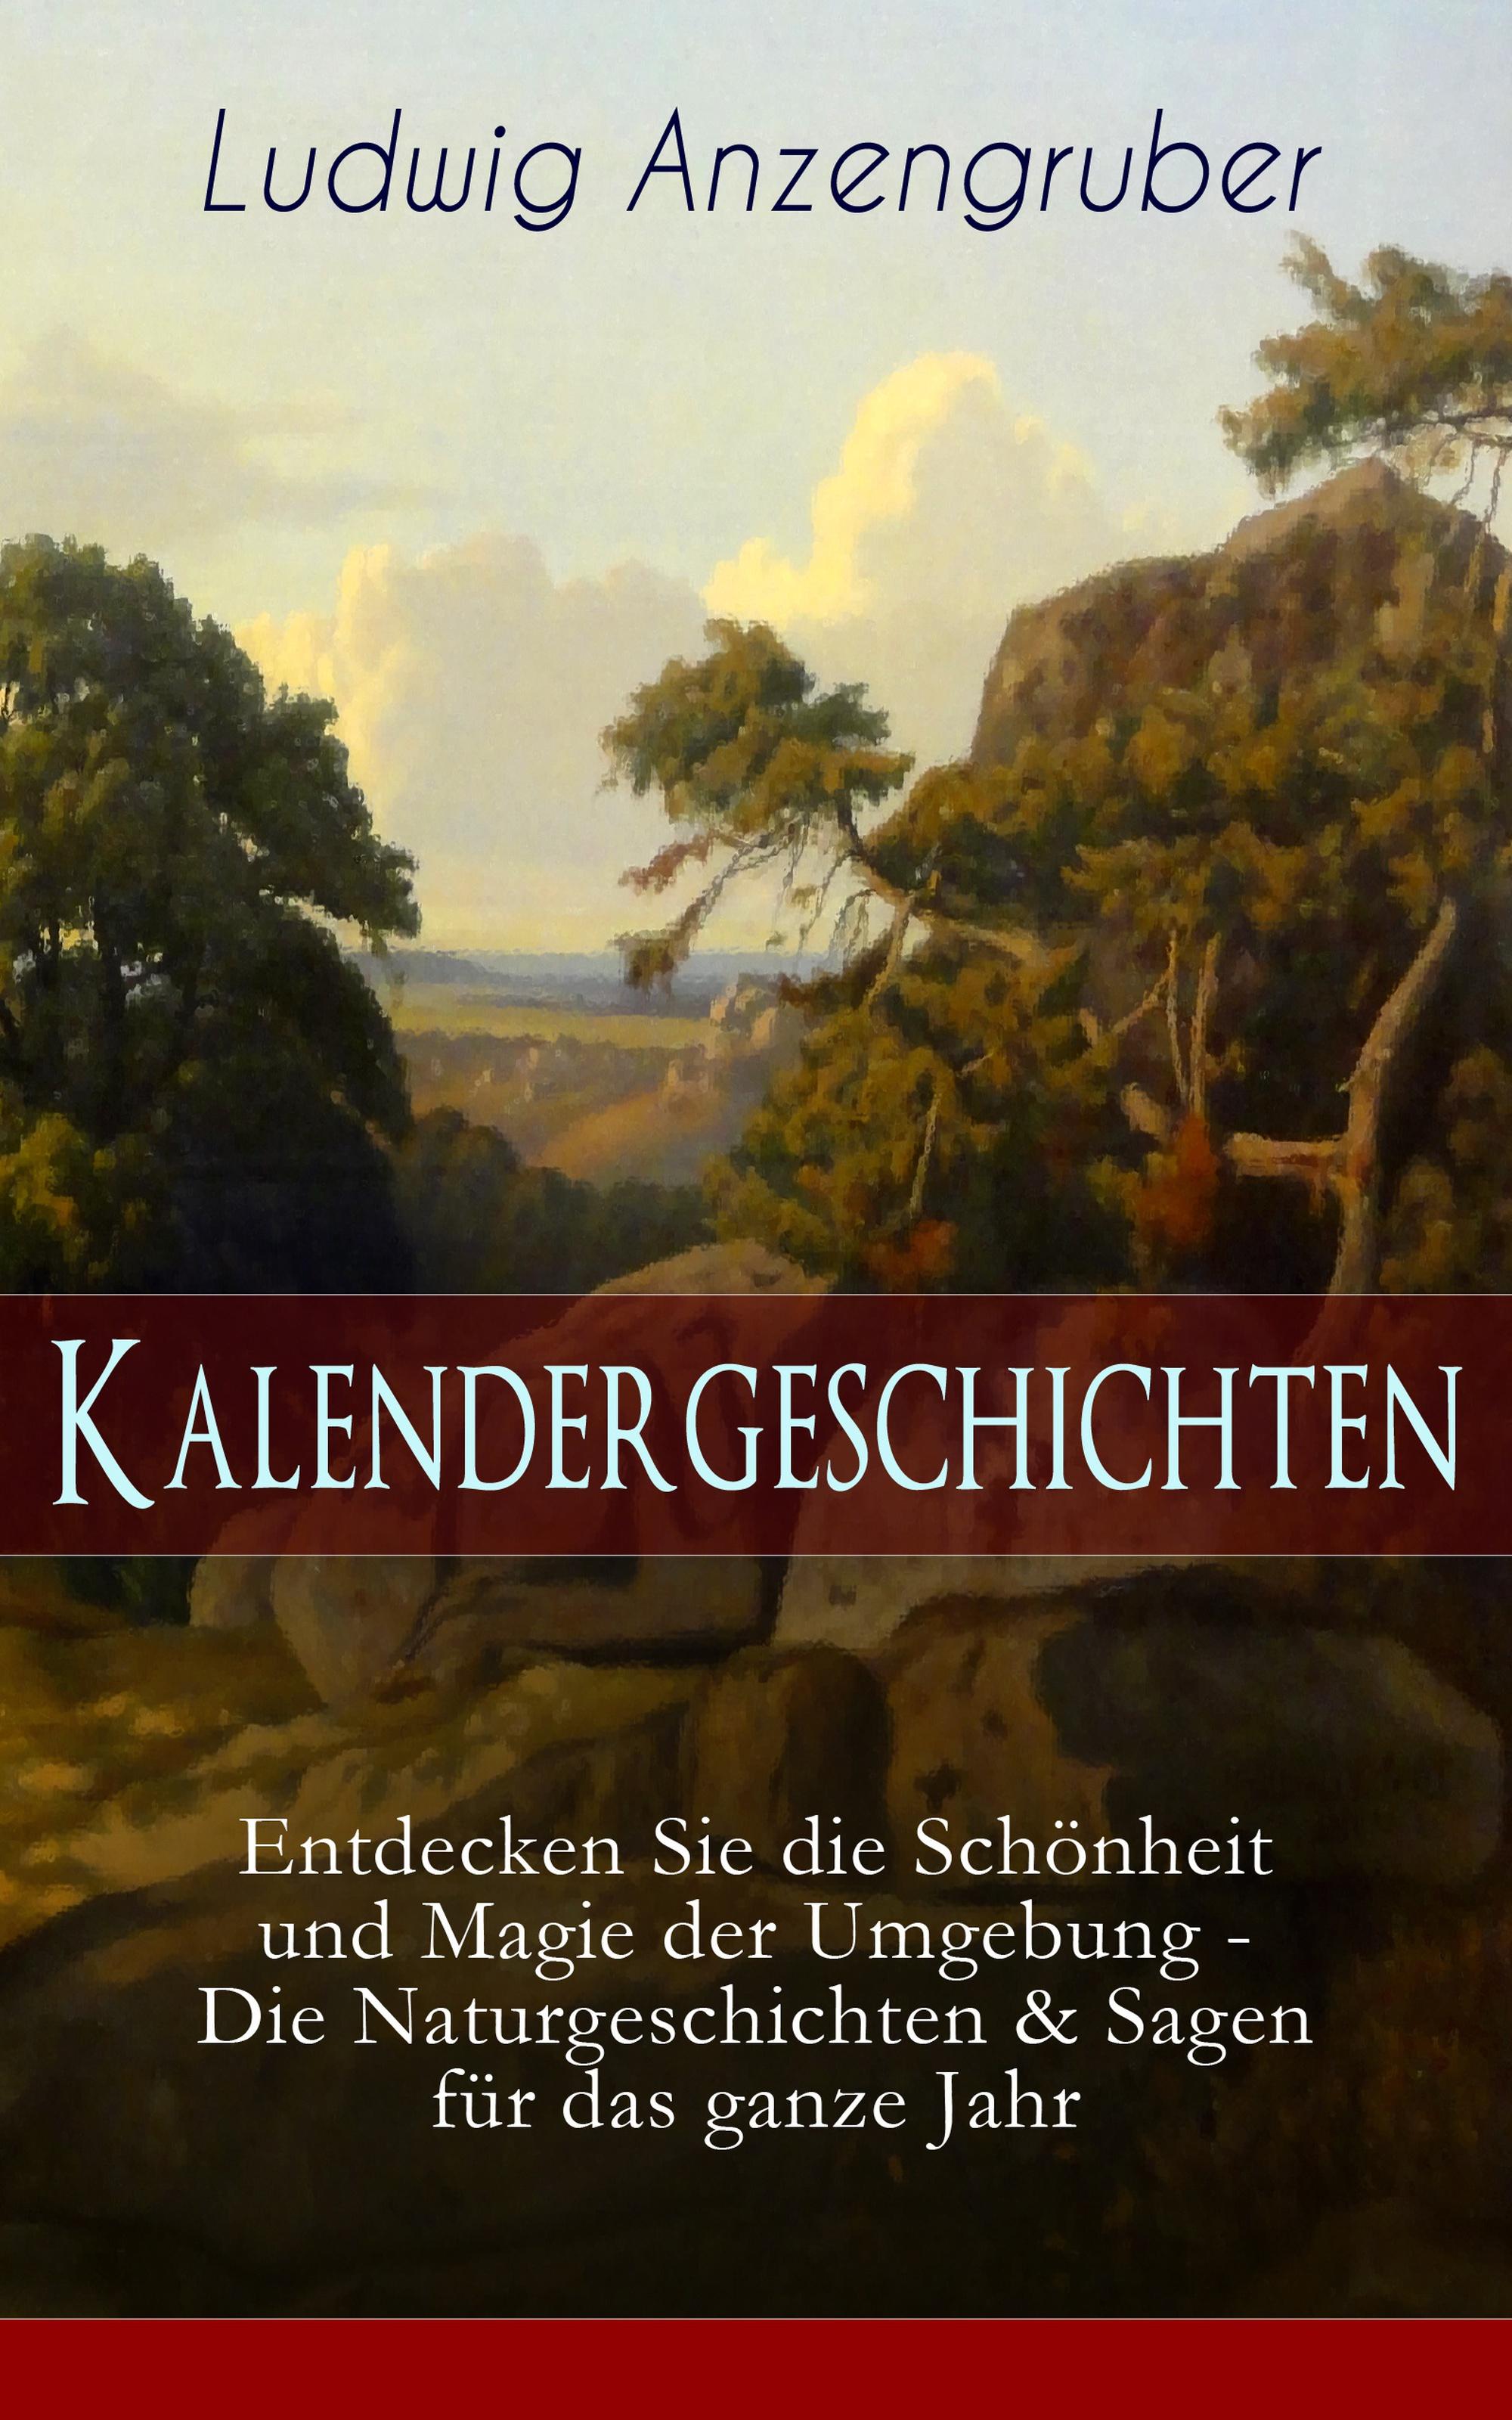 цена Anzengruber Ludwig Kalendergeschichten (Entdecken Sie die Schönheit und Magie der Umgebung - Die Naturgeschichten & Sagen für das ganze Jahr) онлайн в 2017 году